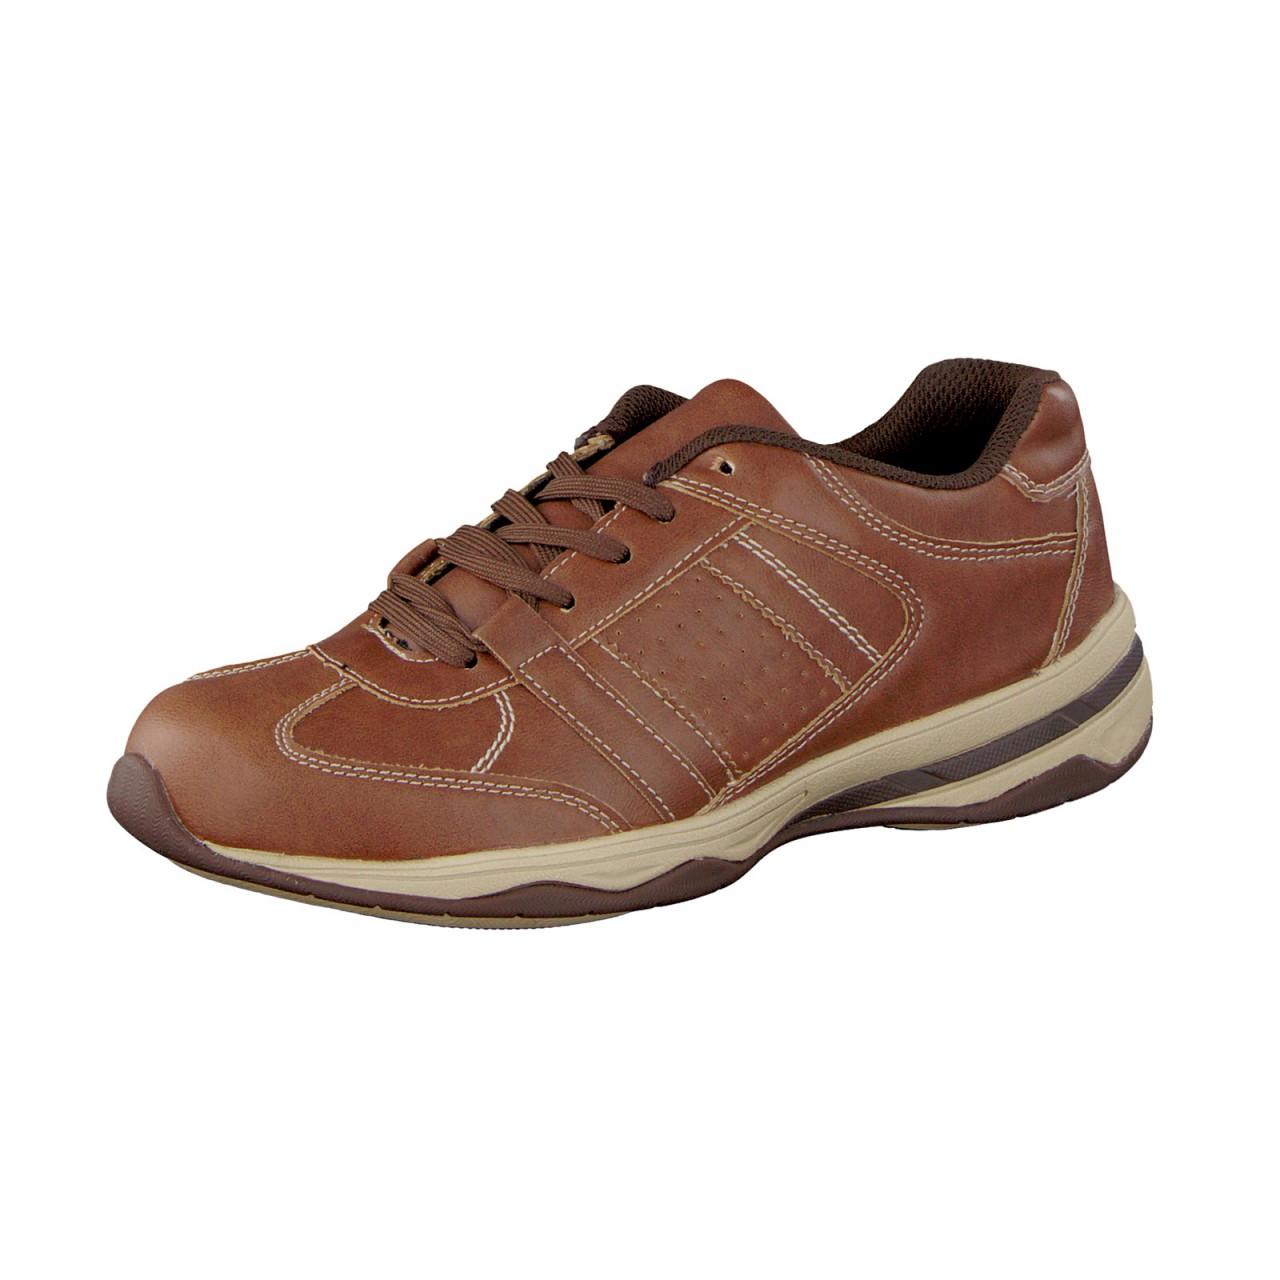 WELLNESS KOMFORT Zapatos Damen Funktions Freizeit Zapatos KOMFORT  Seaker Halbschuh hellbraun 0893c7